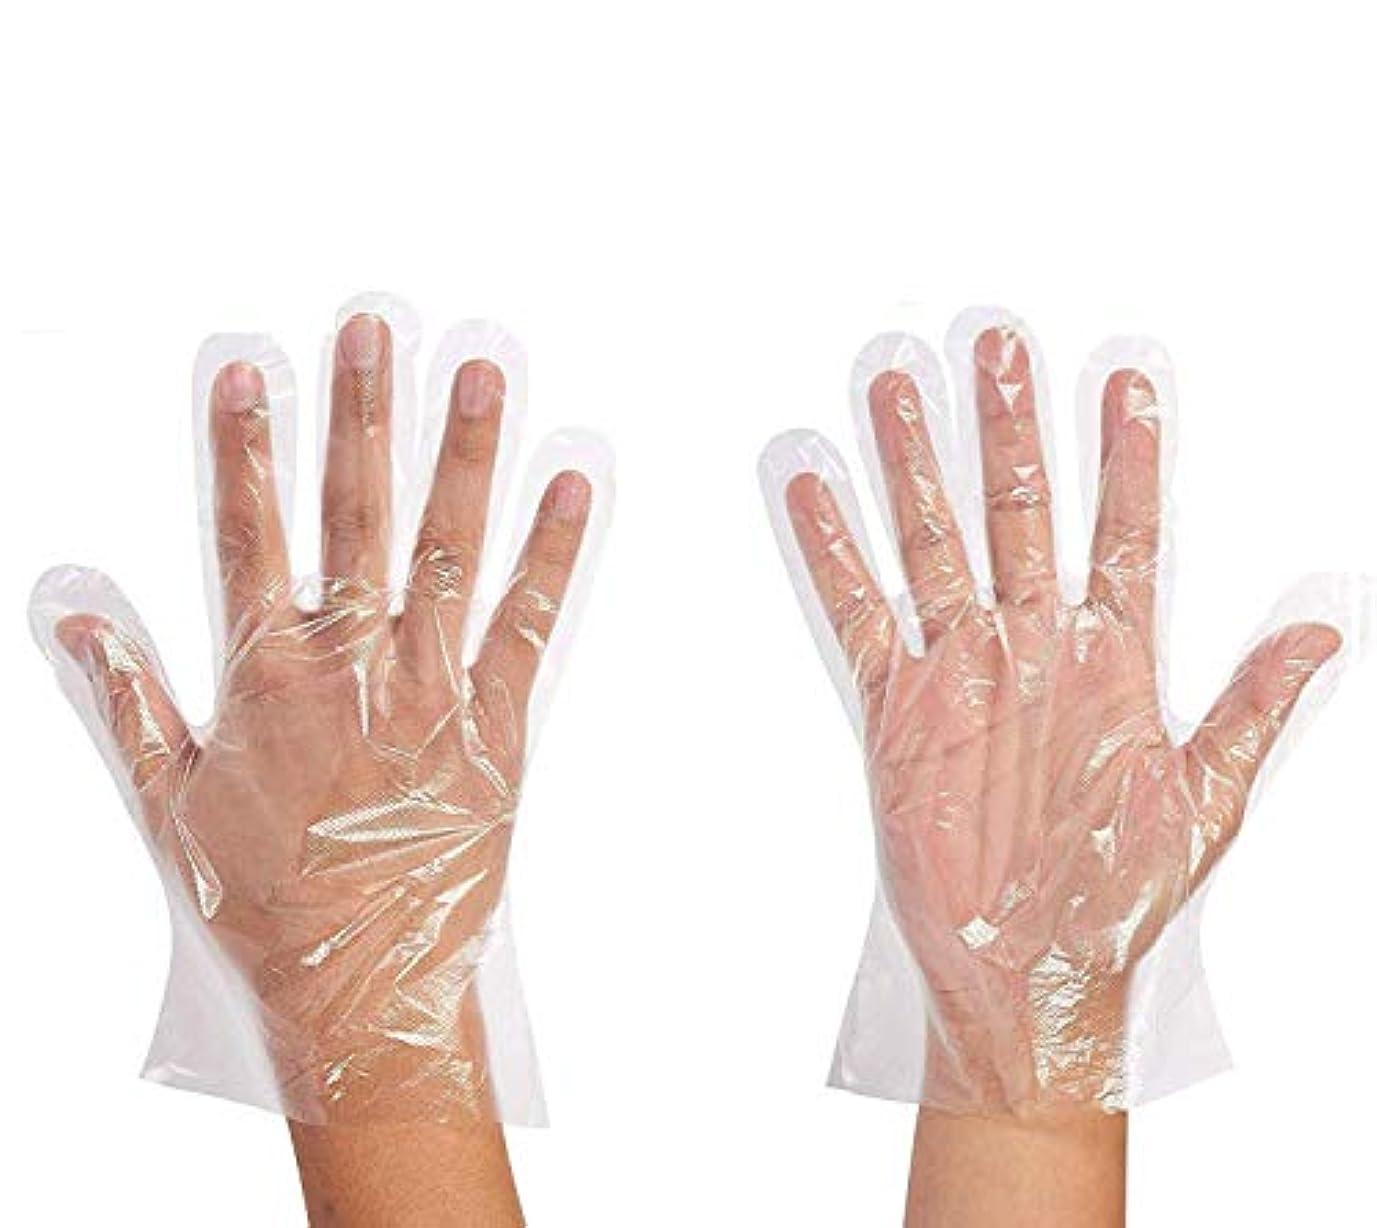 むさぼり食うグリースチャンピオン使い捨て手袋 ポリエチレン 防水耐久性が強い上に軽く高品質 極薄 透明 500枚セット